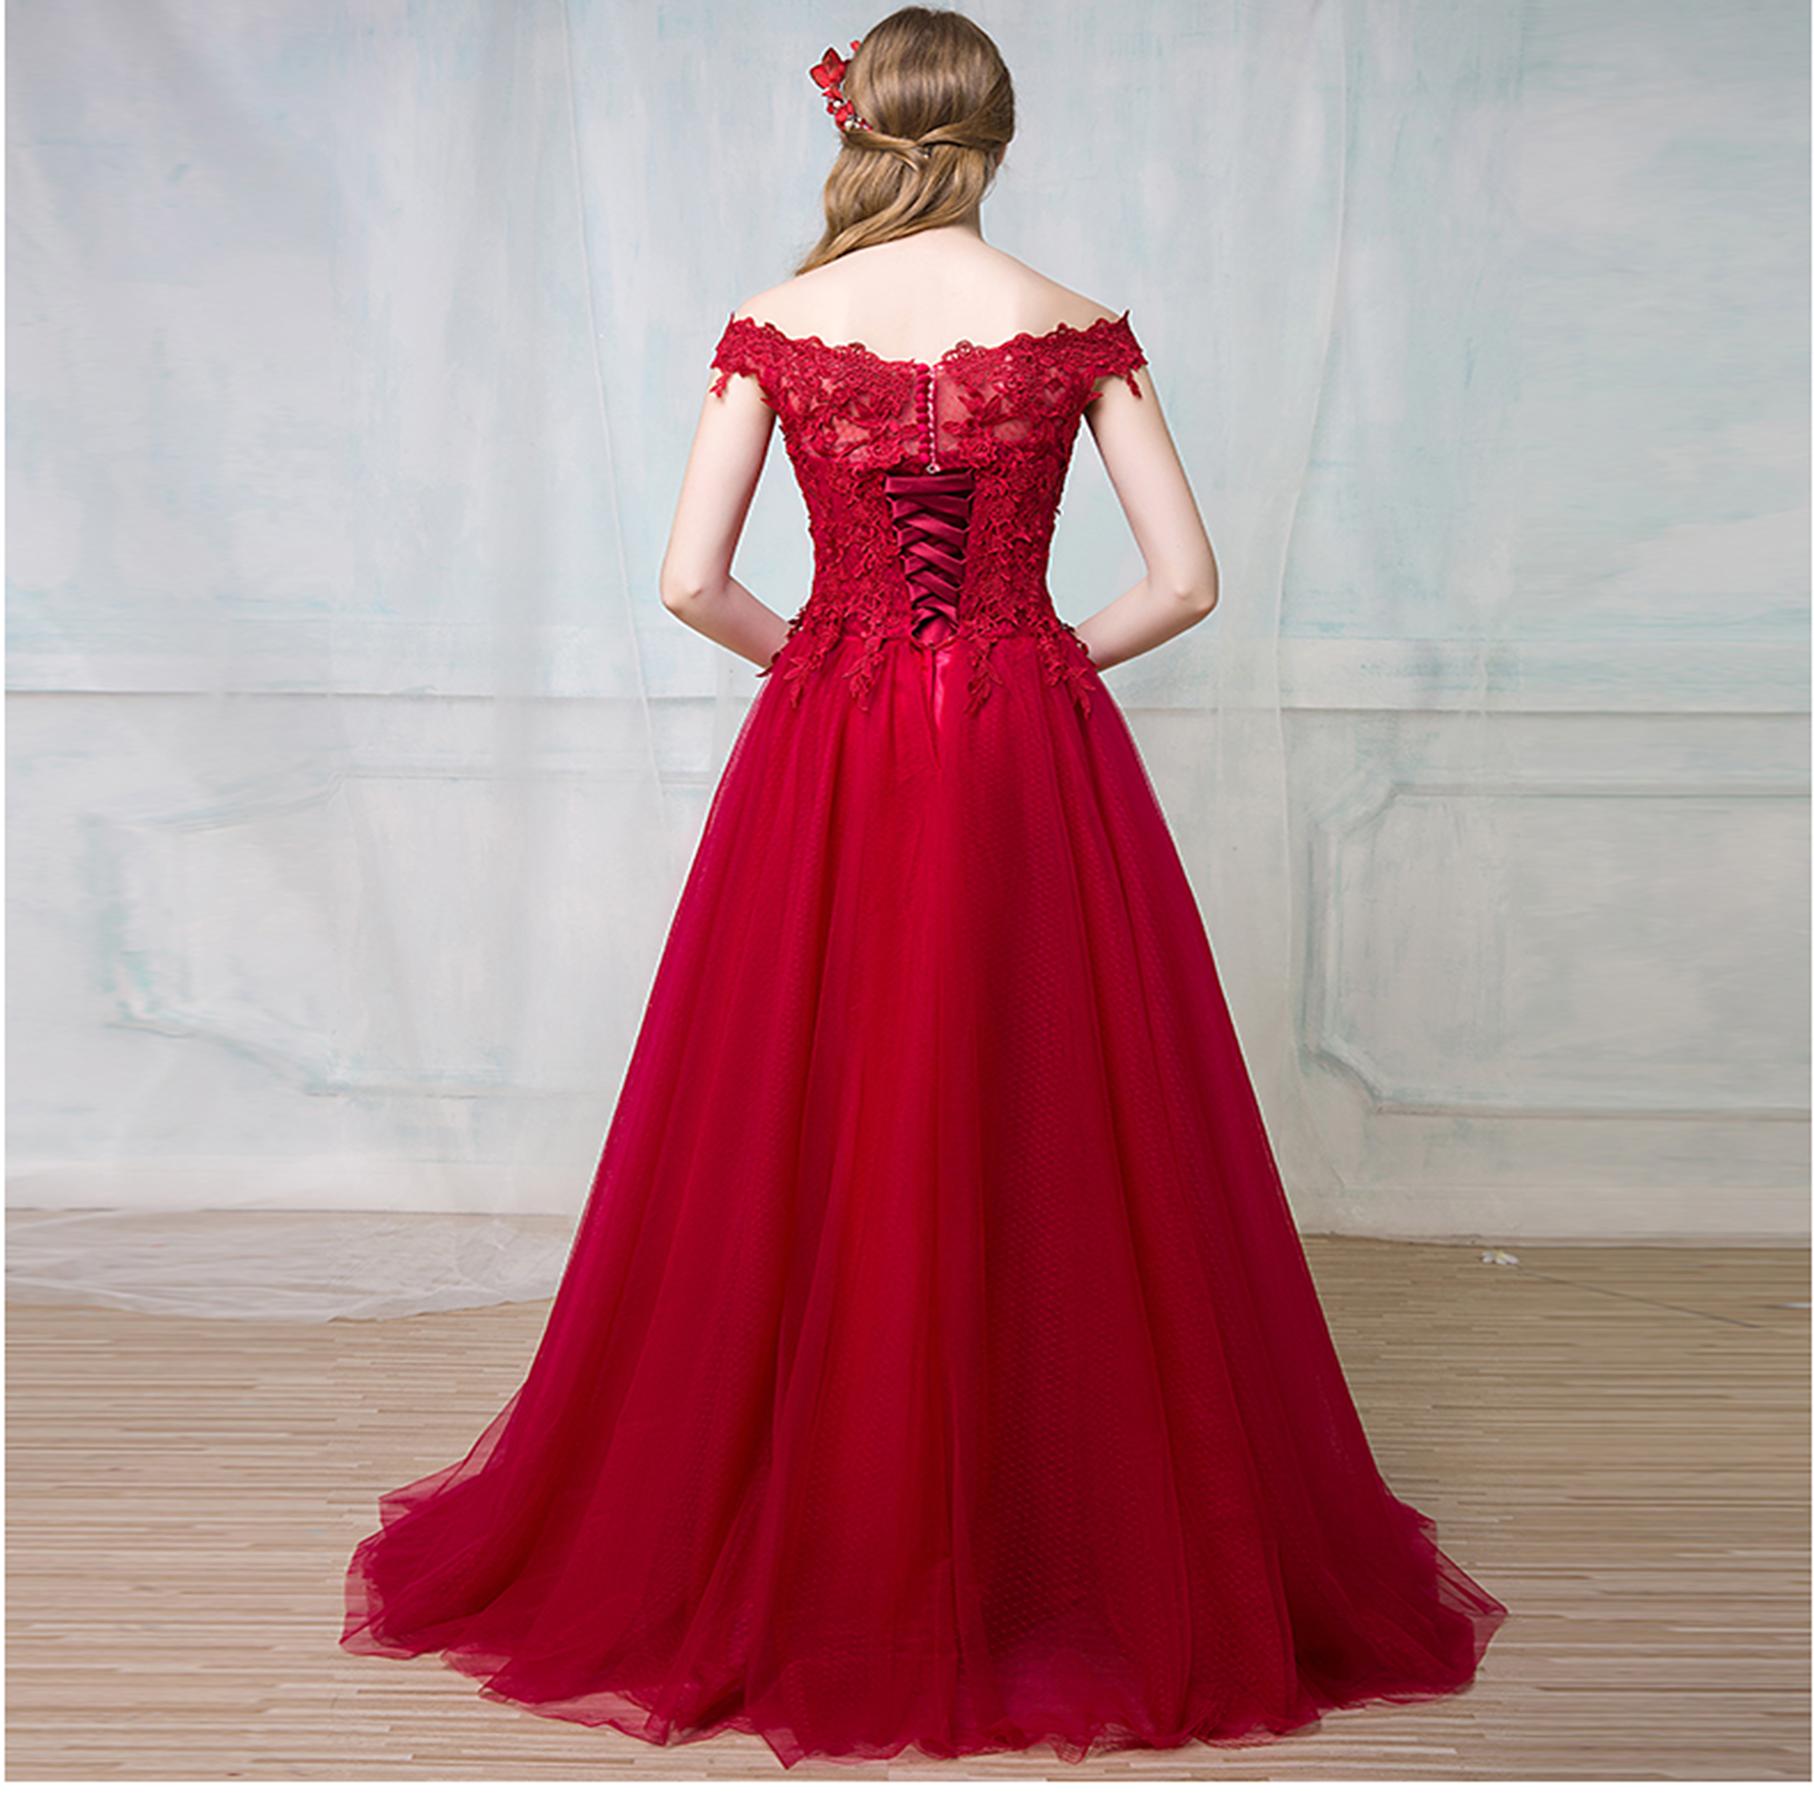 高端新款晚礼服一字肩新娘结婚晚礼服演出宴会晚礼服